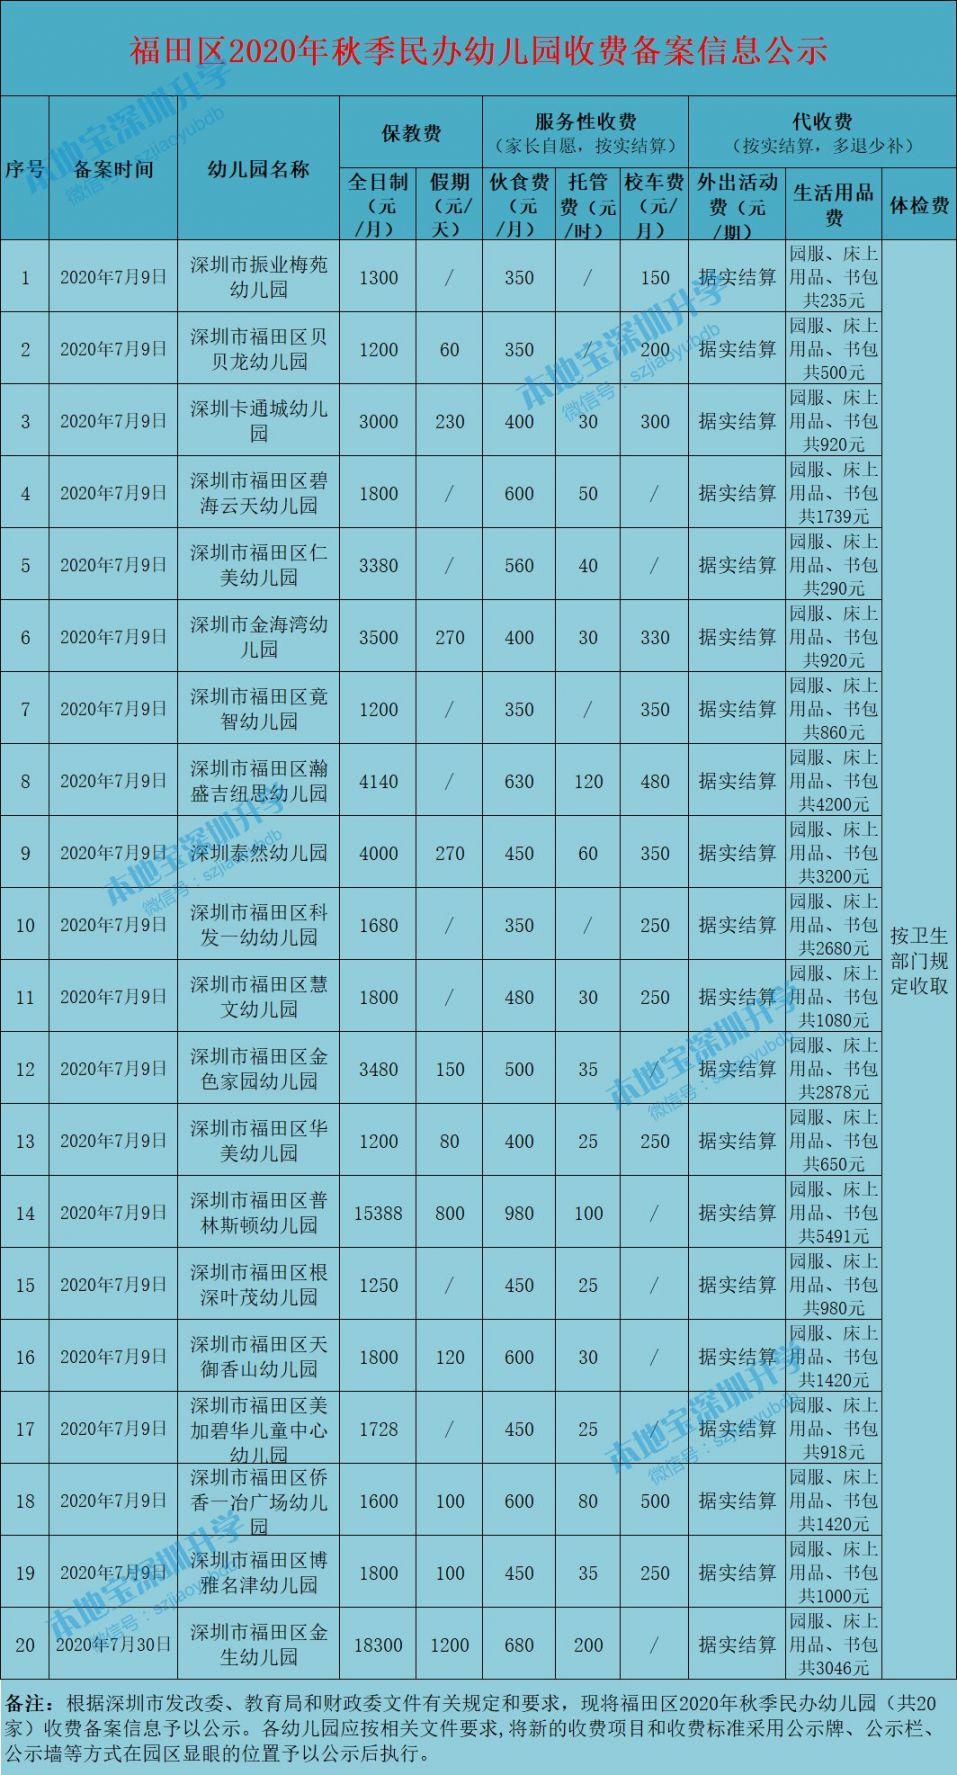 福田区2020年秋季民办幼儿园收费备案信息公示